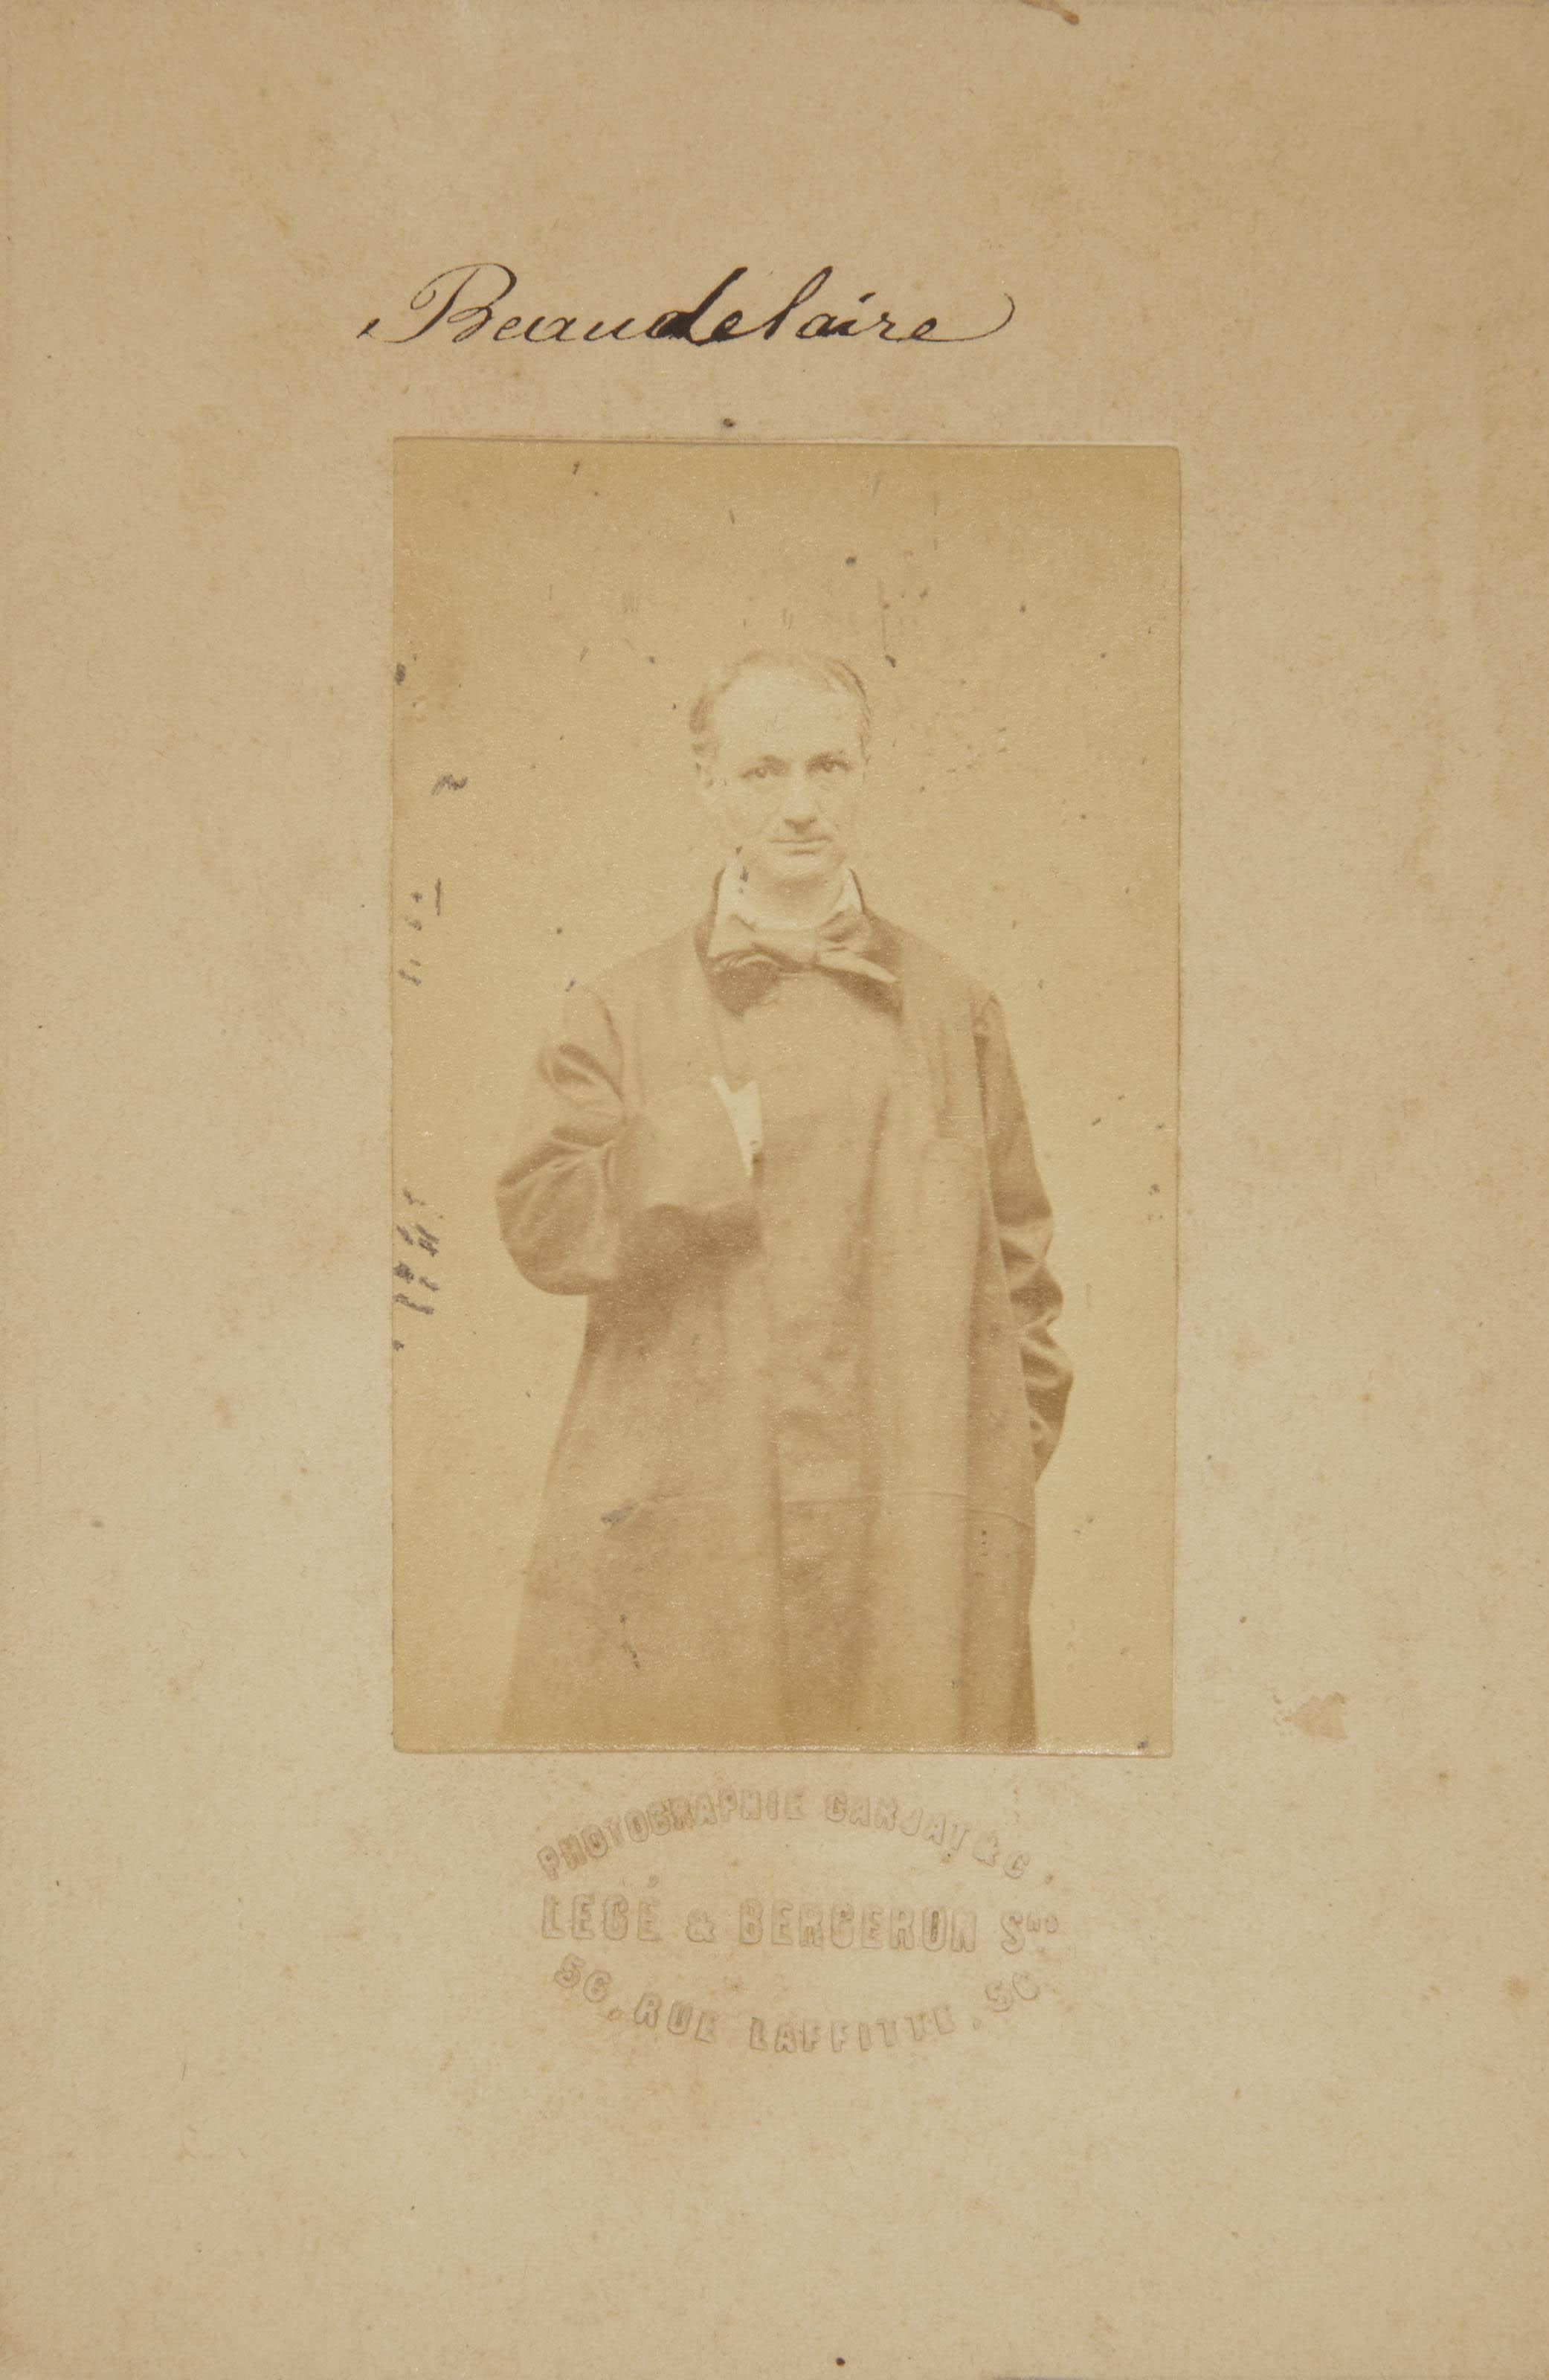 """[BAUDELAIRE] -- CARJAT, Étienne (1828-1906). Portrait carte-de-visite de Charles Baudelaire (91 x 54 mm) par Étienne Carjat, épreuve sur papier albuminé, avec son carton d'origine (image 9.2 x 5.2 cm.- 3 5/8 x 2 1/8 in.), portant l'inscription à la plume """"Beaudelaire"""" [sic] ainsi que le timbre sec sur le montage 'Photographie Carjat & Cie  Legé & Bergeron Srs  56, Rue Lafitte, 56.' (Portrait avec petites taches d'encre et détaché, carton avec usures.)"""